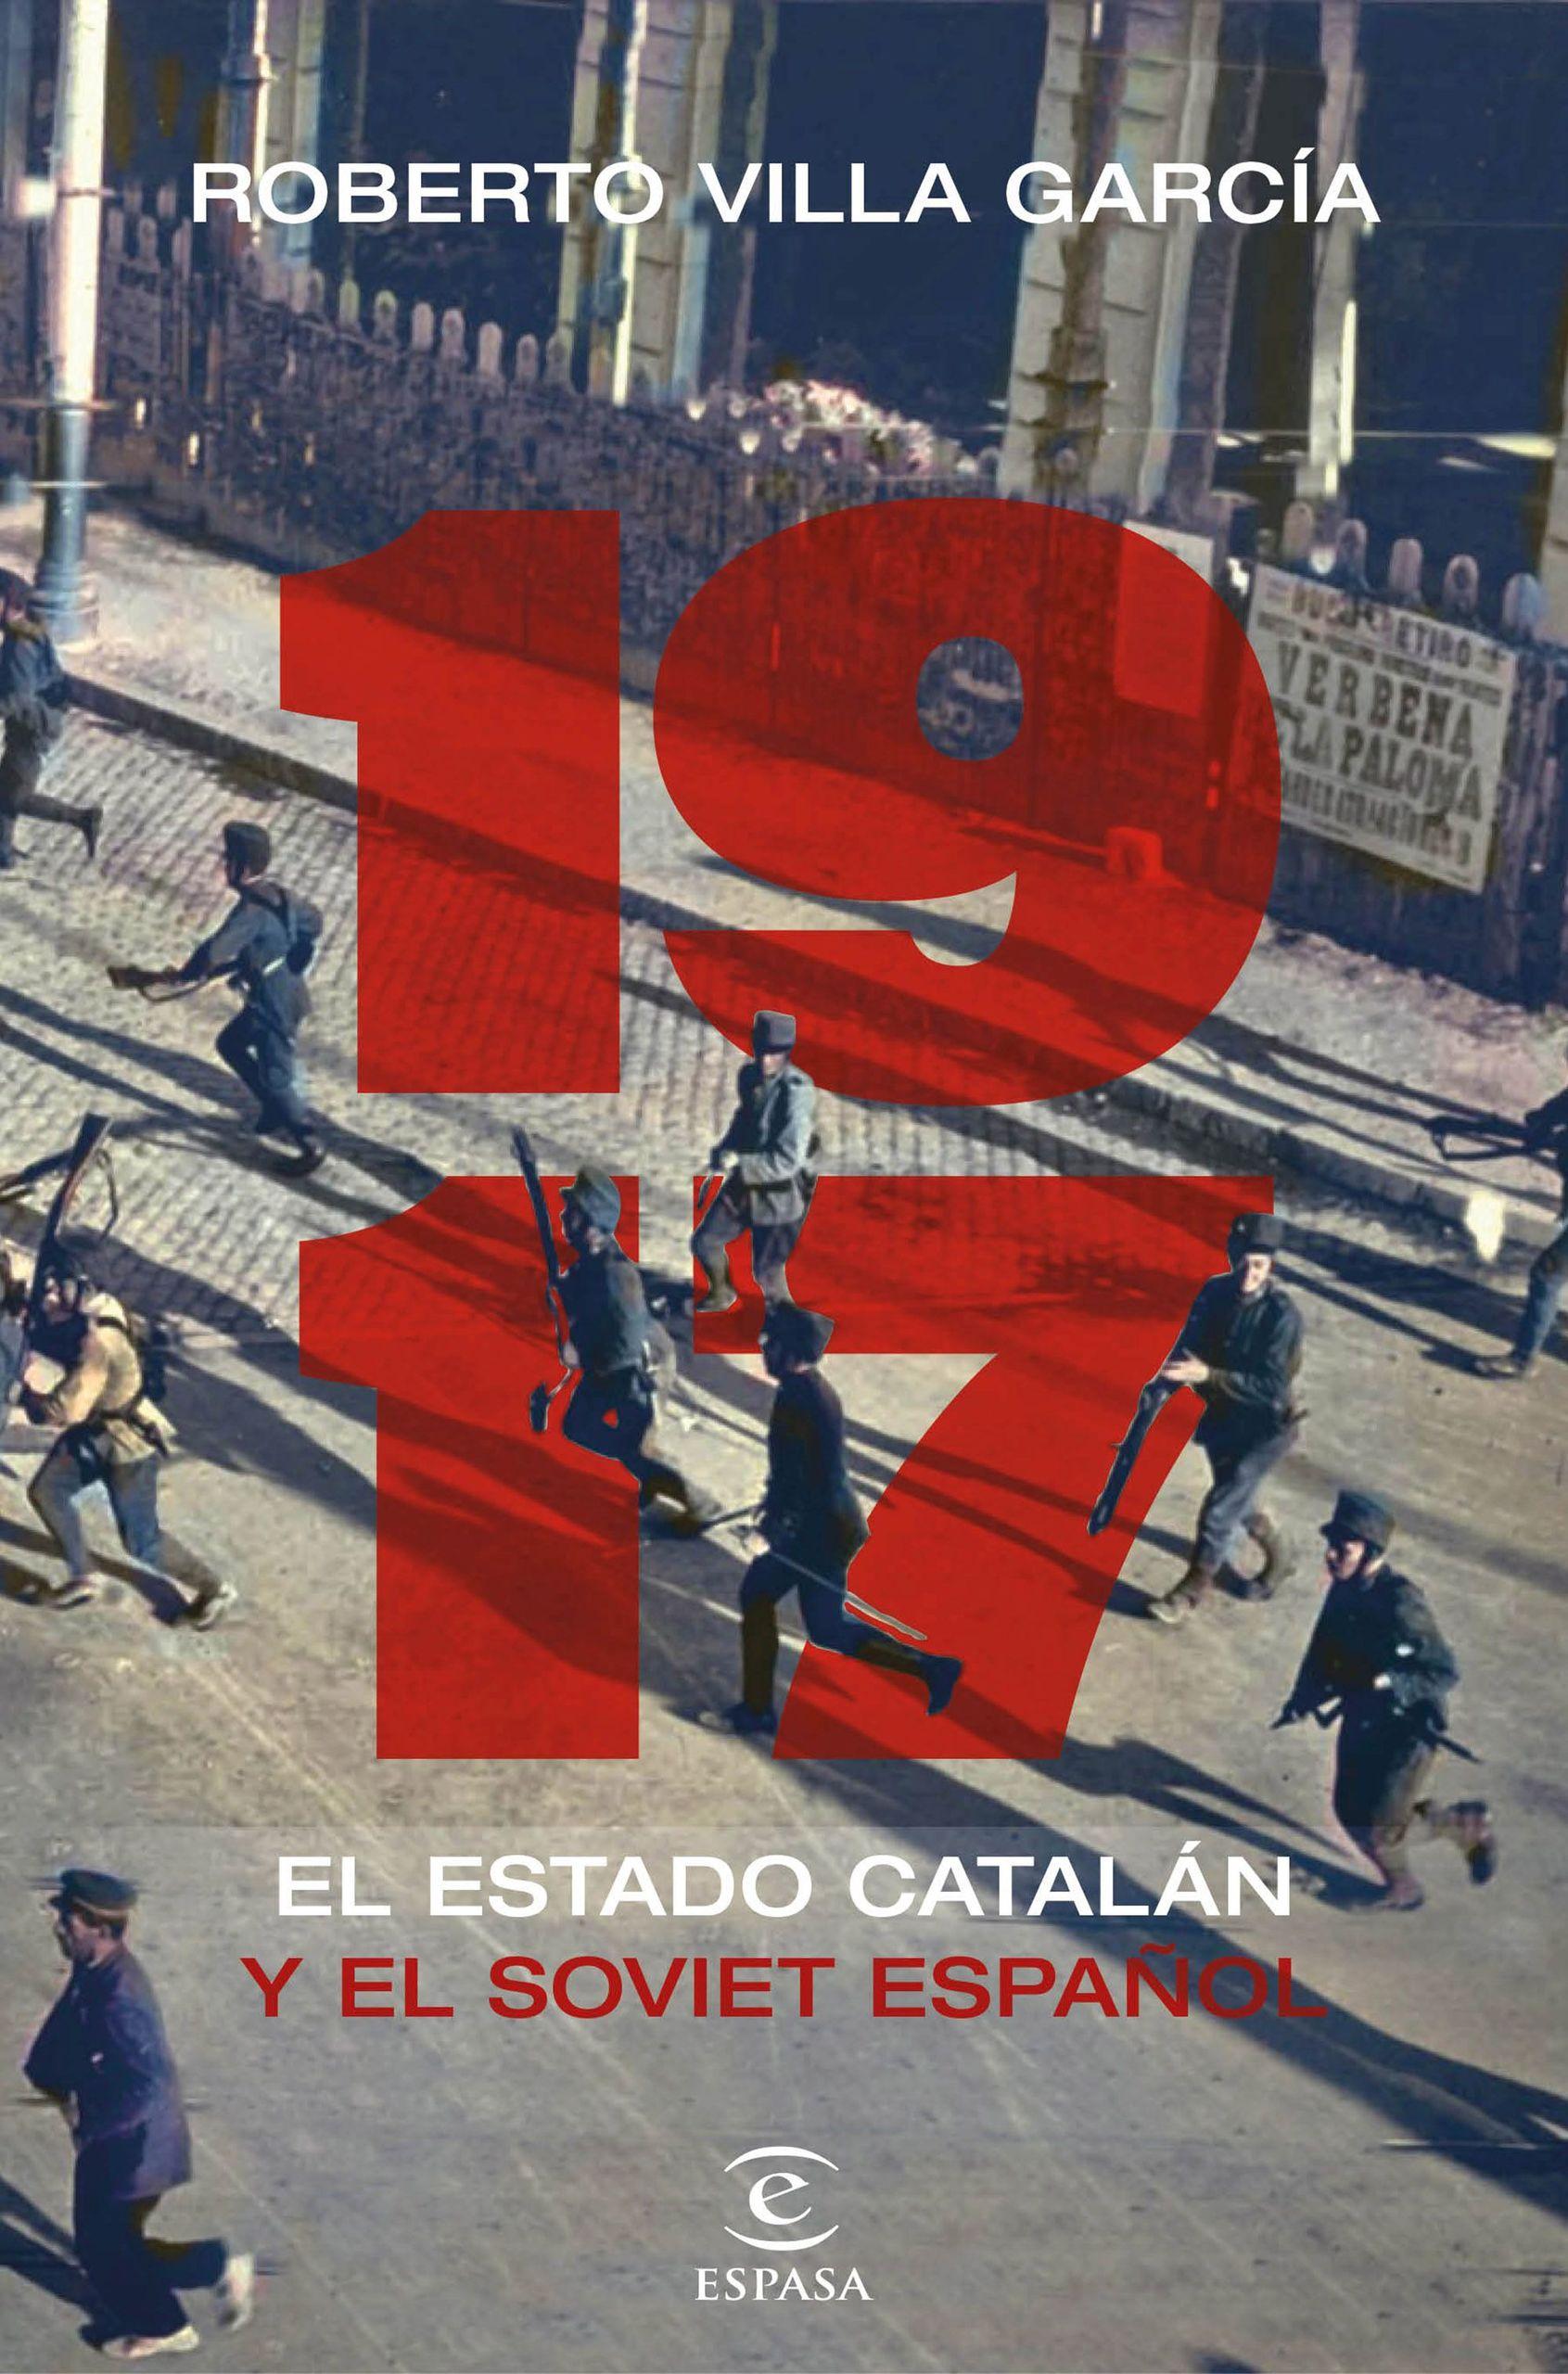 portada1917-el-estado-catalan-y-el-soviet-espanolroberto-villa-garcia202012230929.jpg